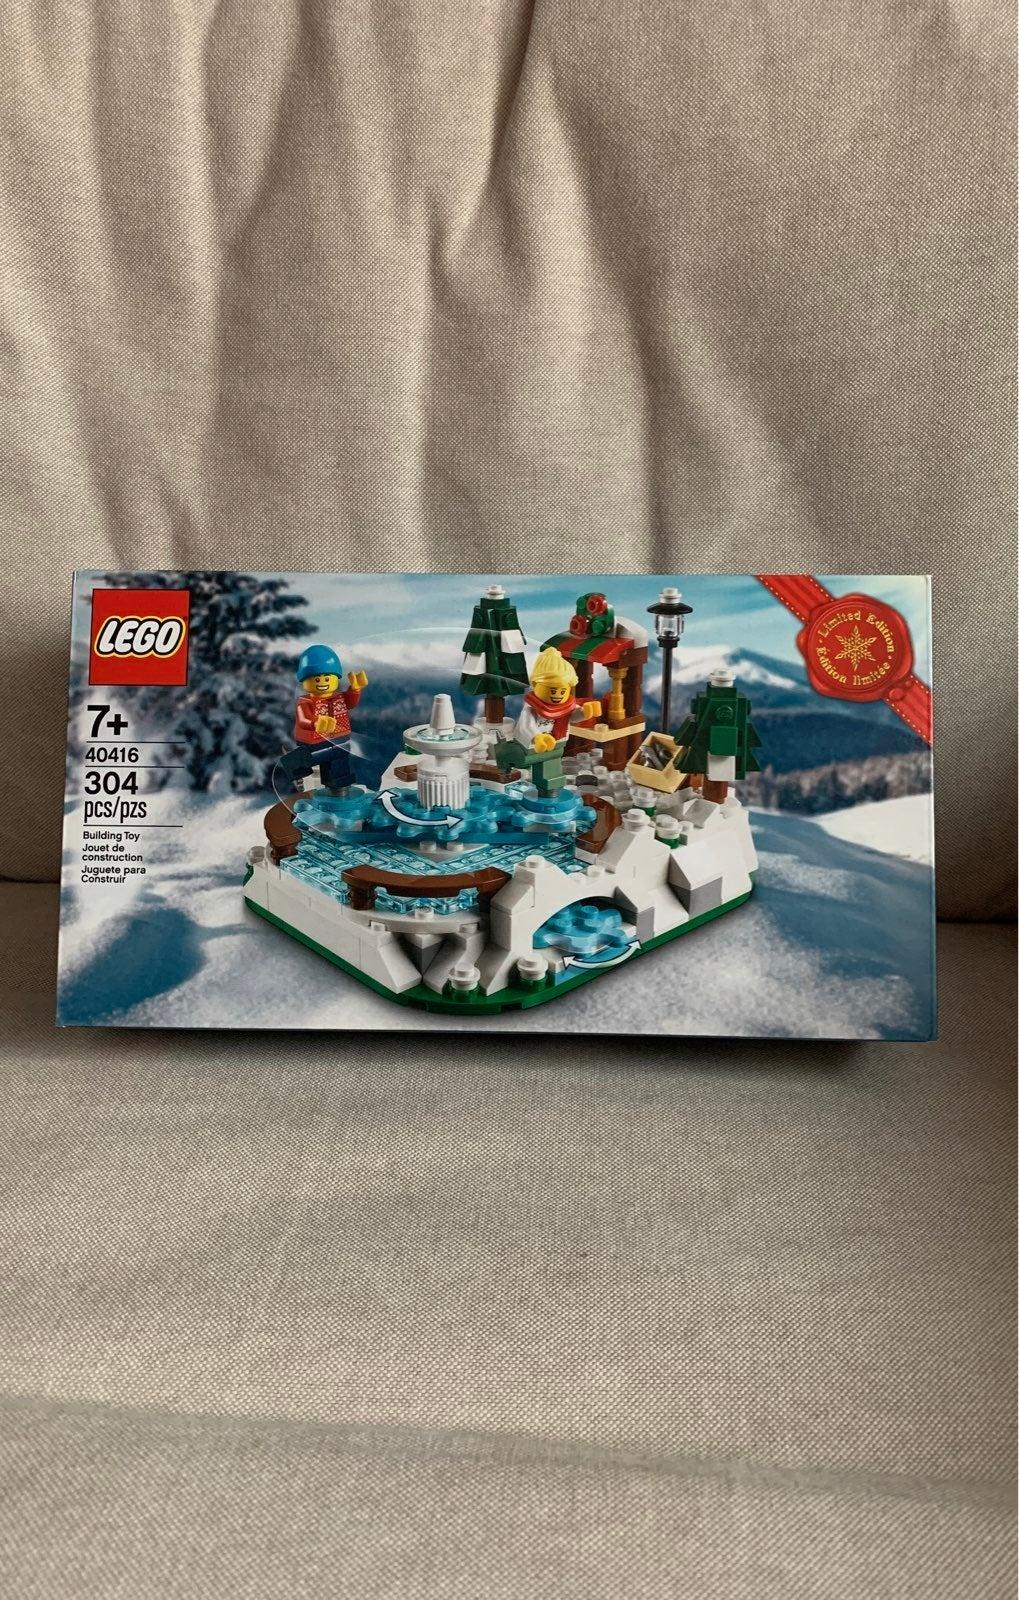 LEGO 40416 Ice Skating Rink